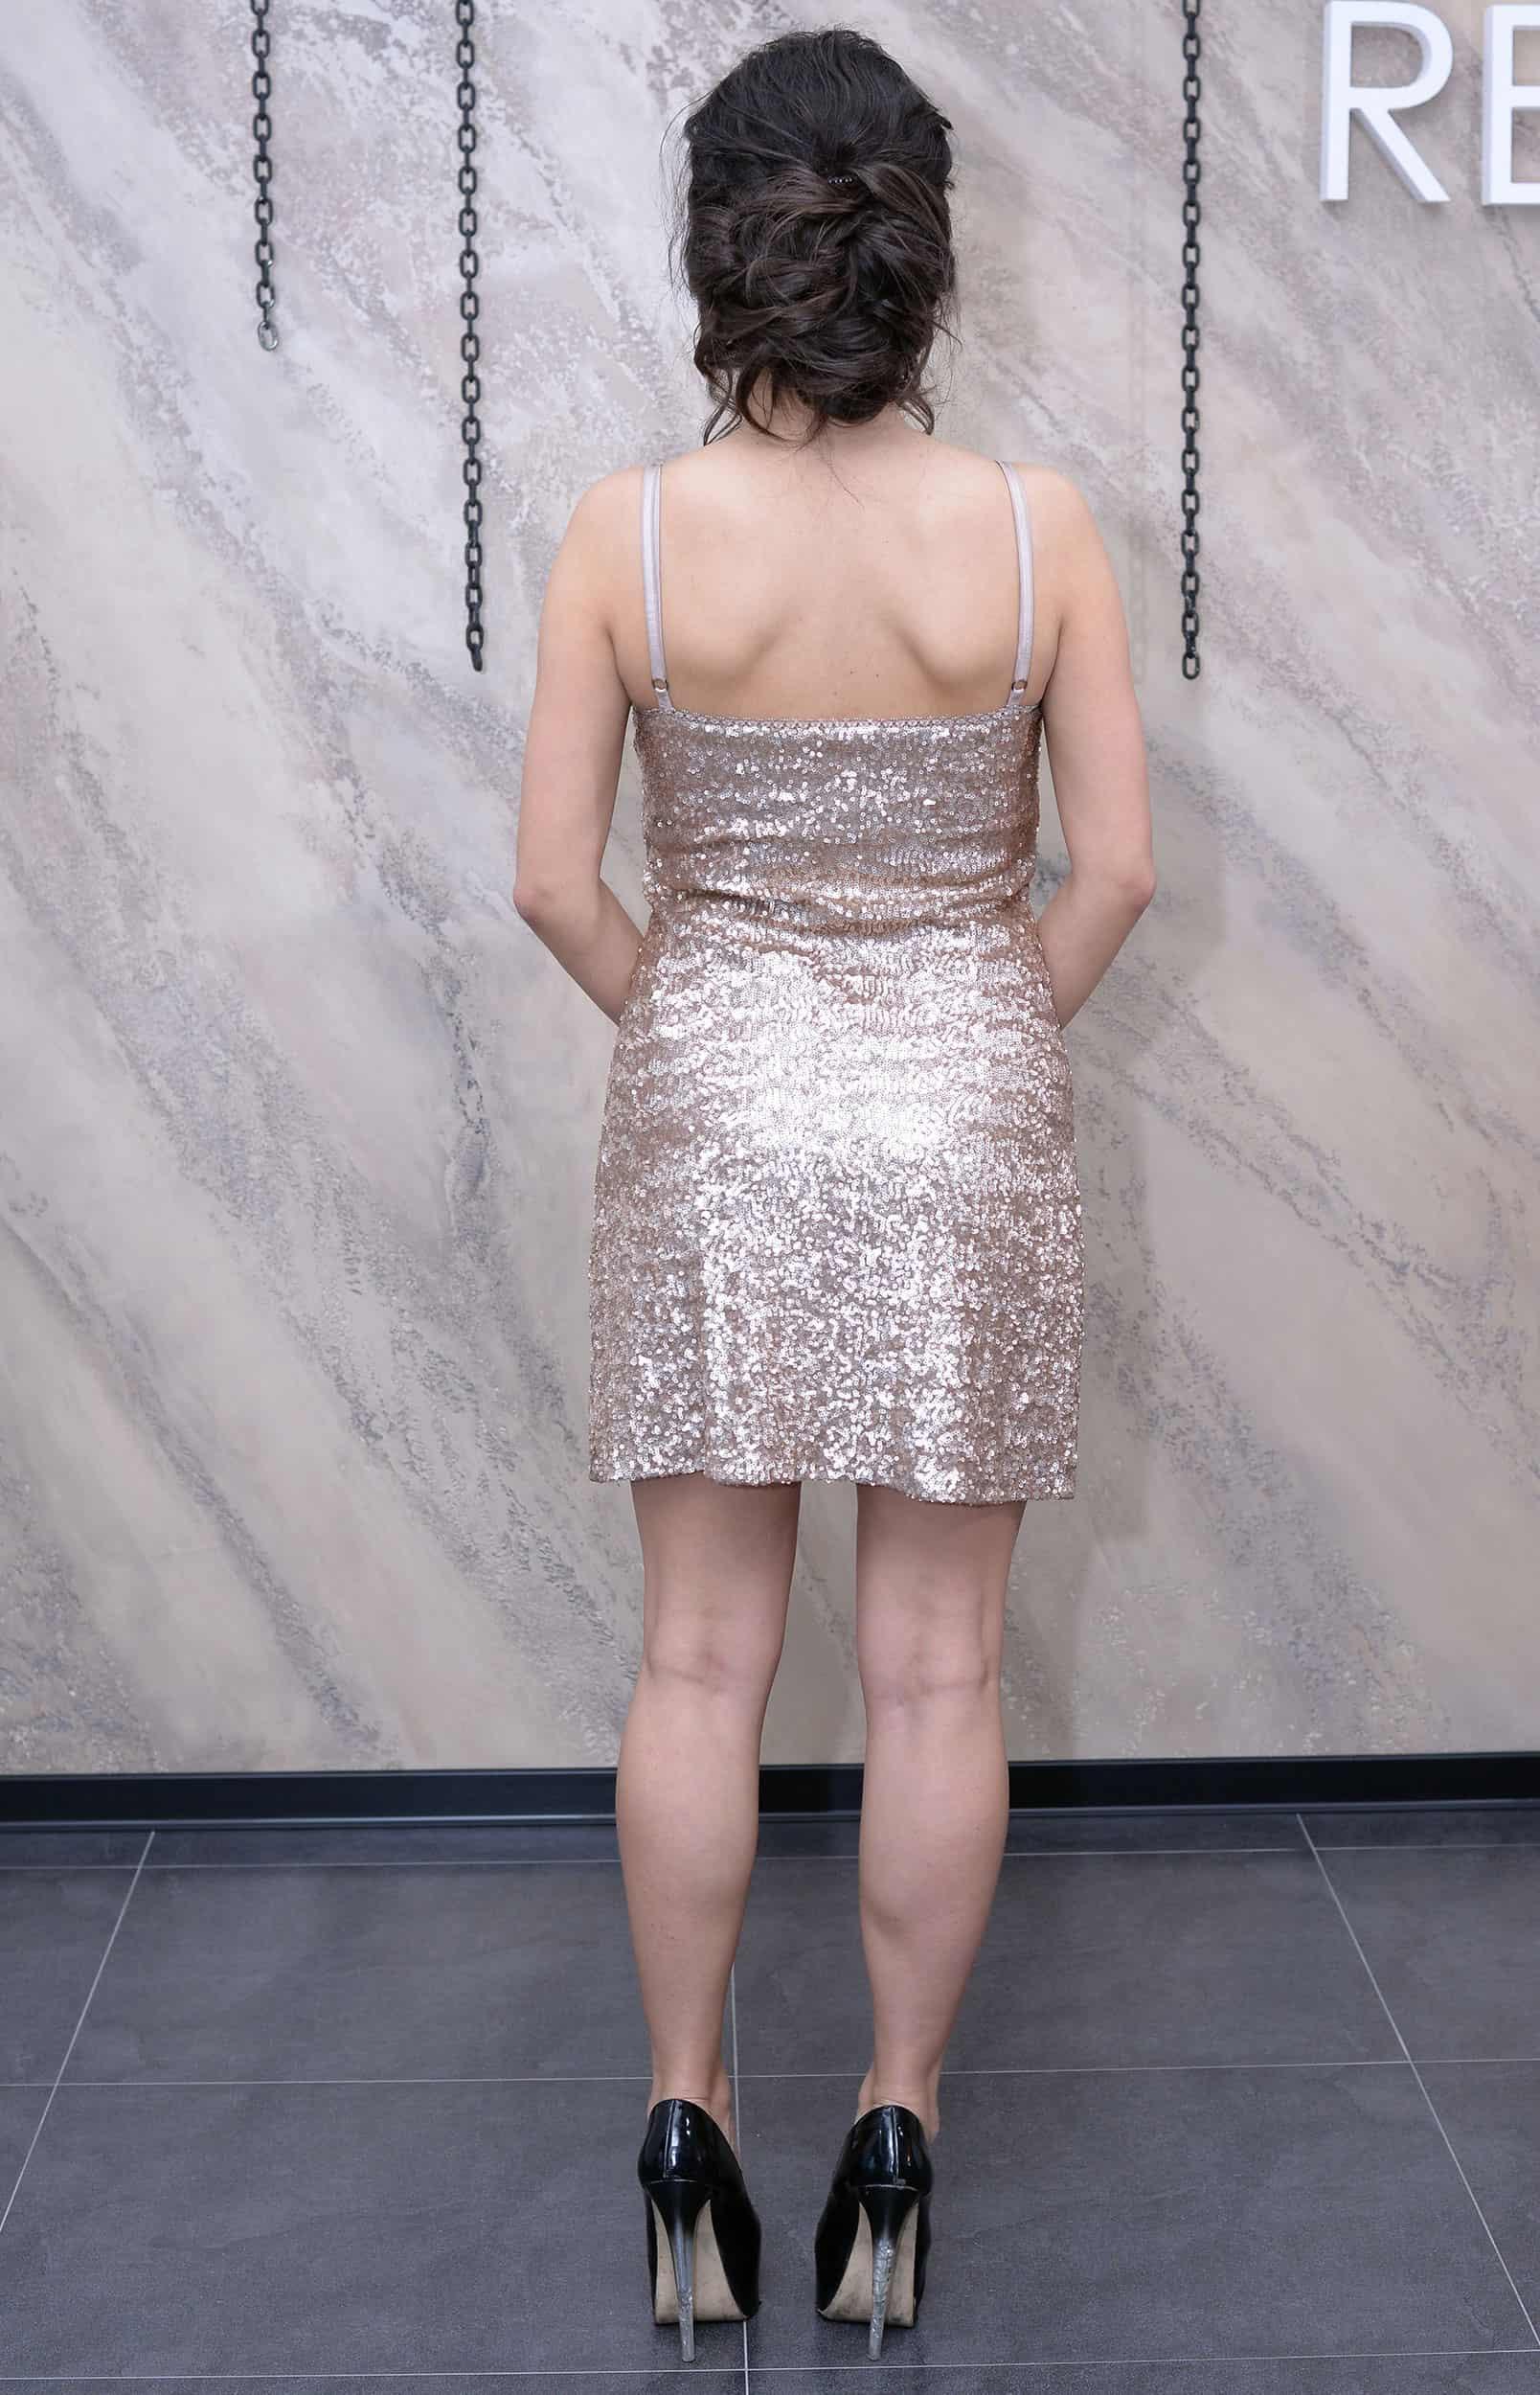 Iznajmljivanje haljina Nis - Rinascimento - Rent A Dress Nis